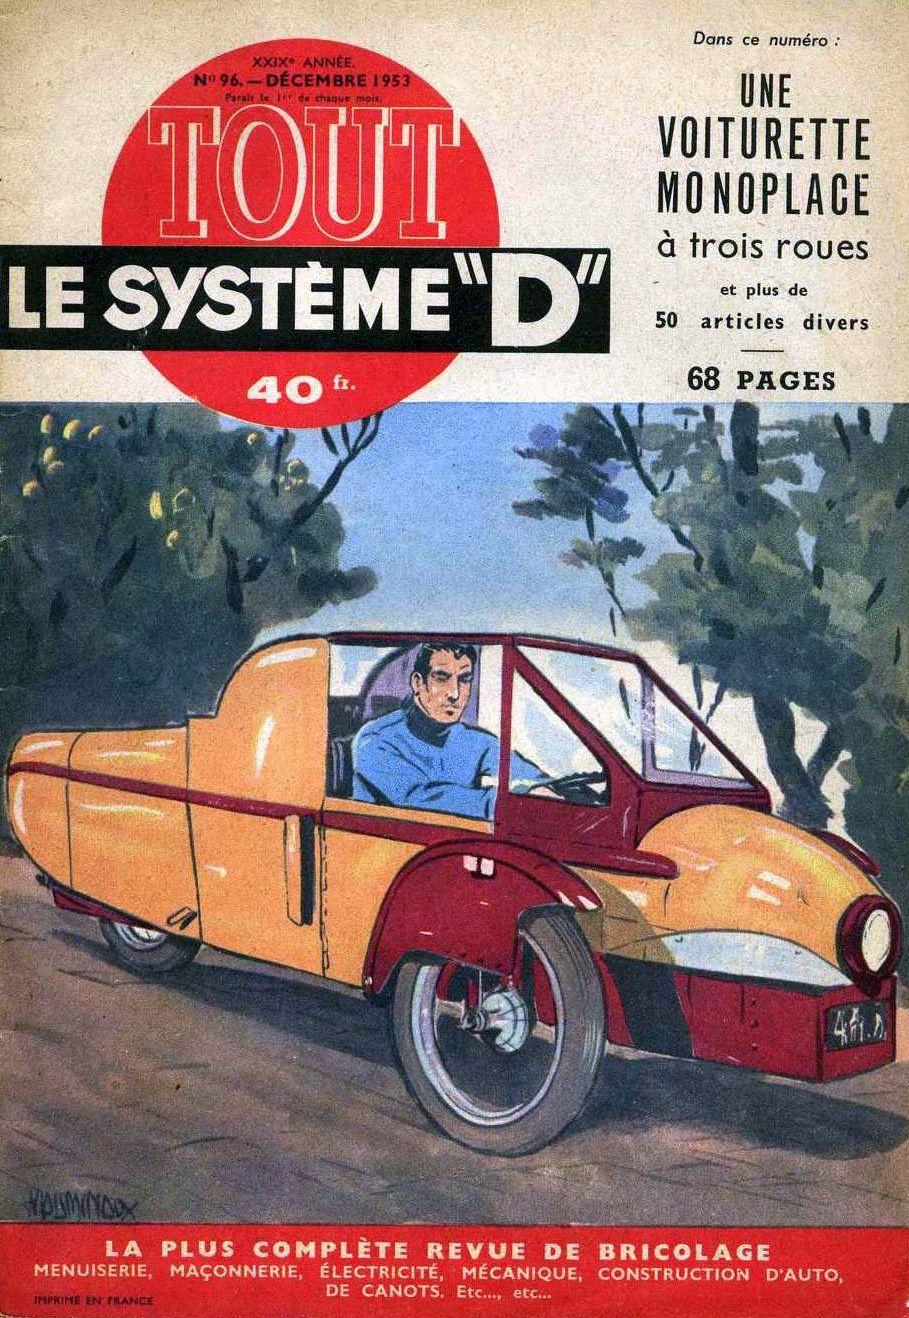 transpress nz 39 voiturette monoplace trois roues 39 1953. Black Bedroom Furniture Sets. Home Design Ideas